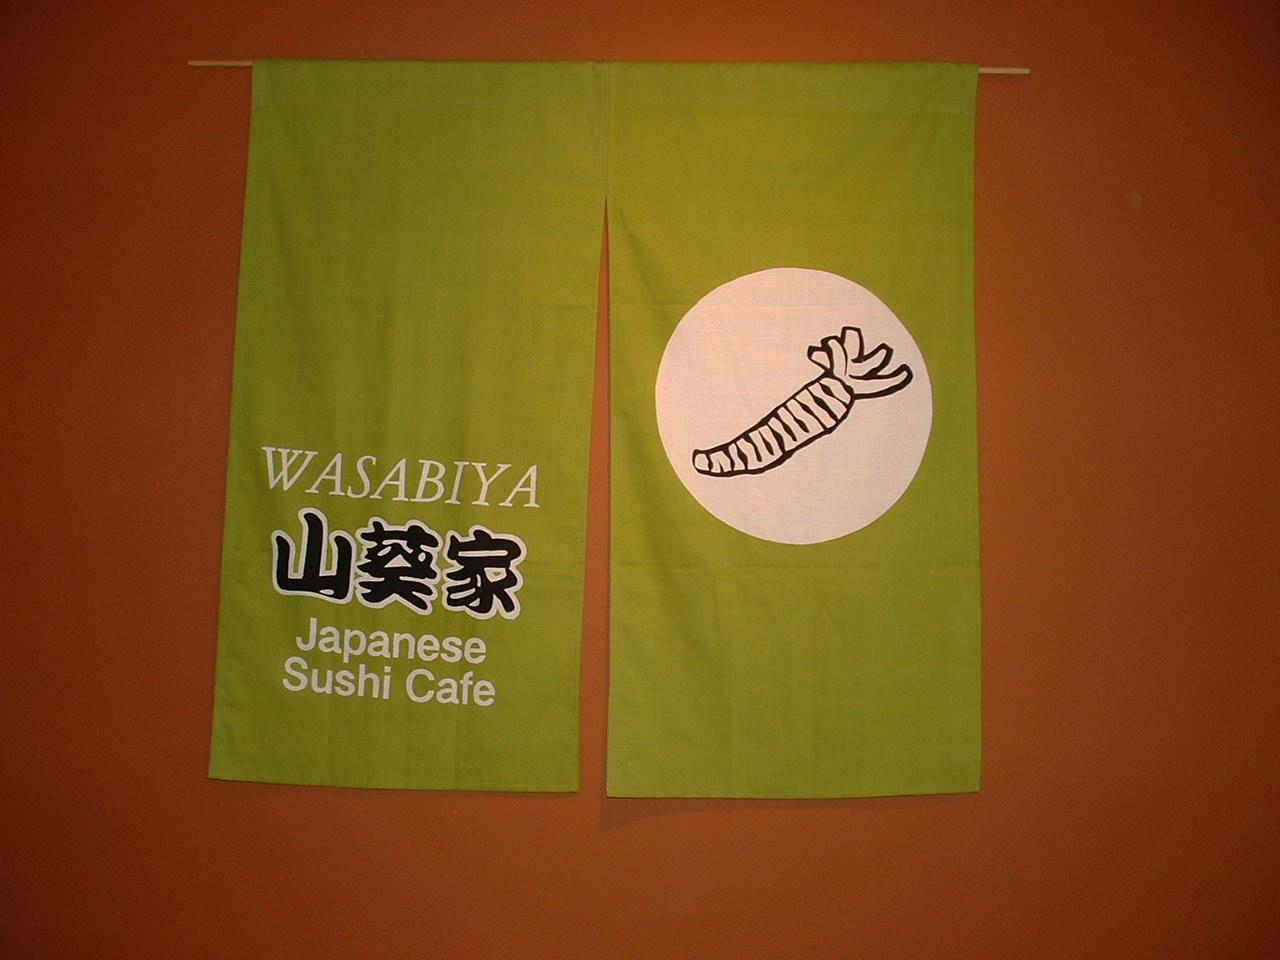 キャンベルリバーのレストランで寿司シェフ大募集 - WASABIYA Japanese Sushi Cafe イメージ画像